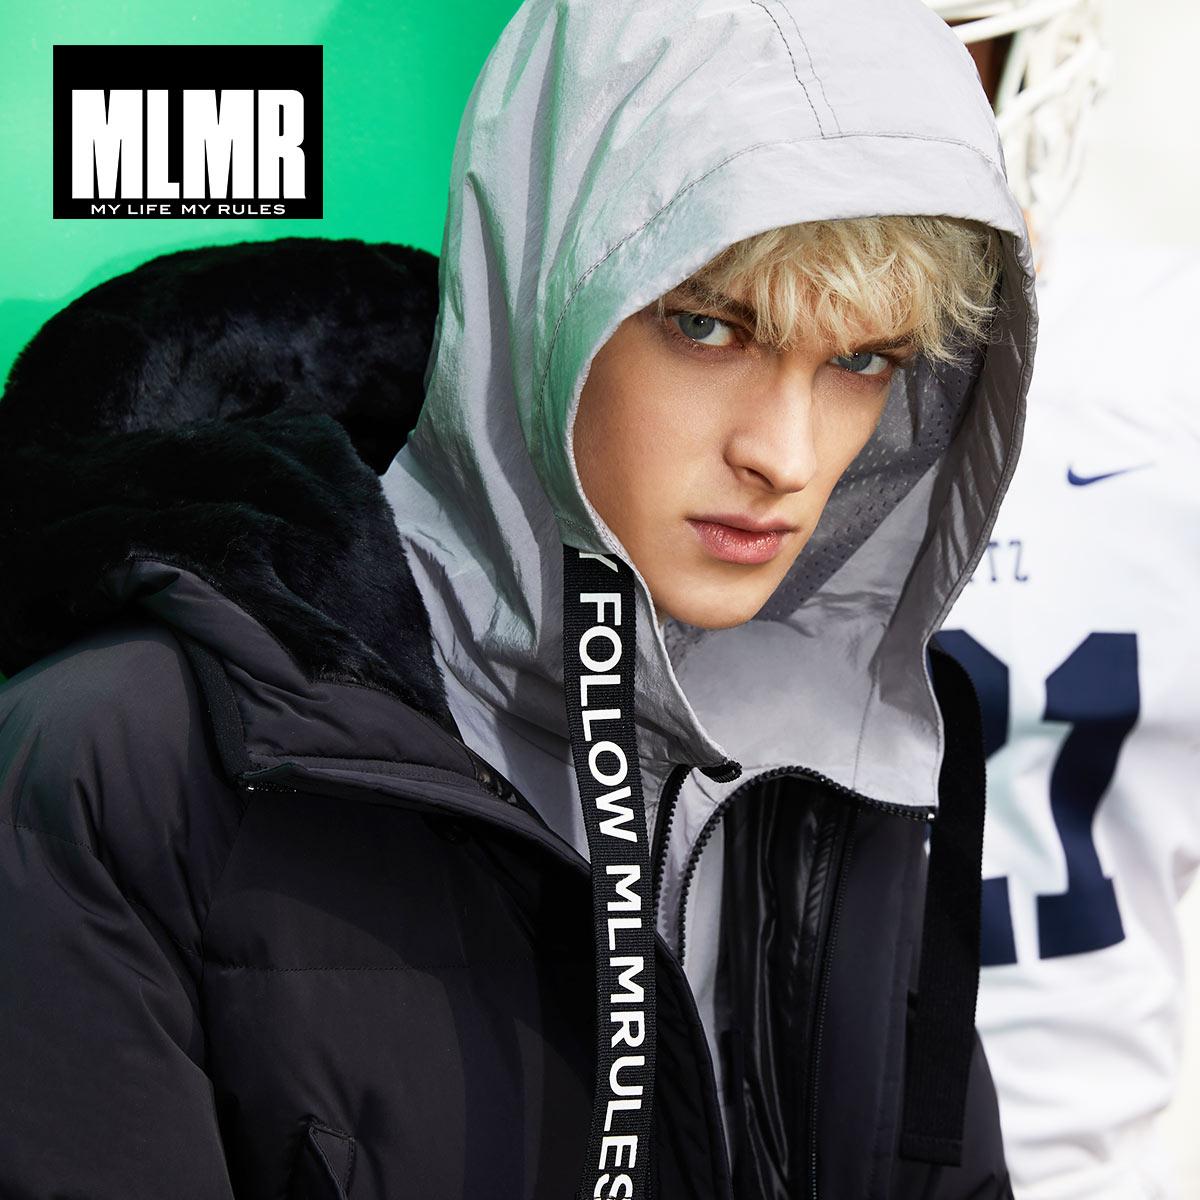 MLMR 2019 ใหม่กลางยาวลงเสื้อฤดูหนาวเสื้อหนา warm parka  218312504-ใน เสื้อกันลม จาก เสื้อผ้าผู้ชาย บน   3